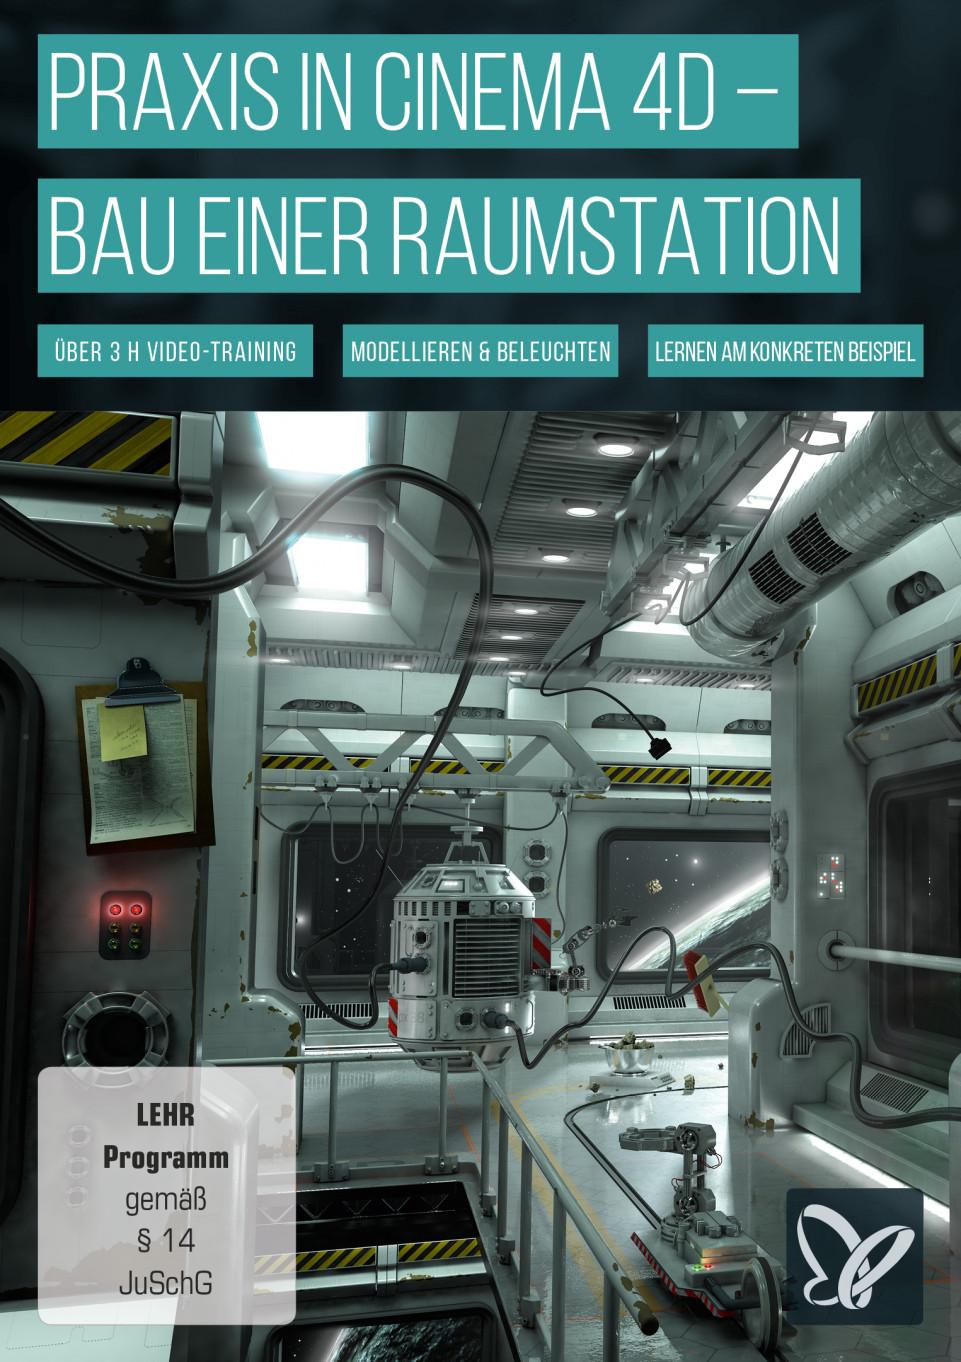 Praxis in Cinema 4D – Modellieren und Beleuchten einer Raumstation